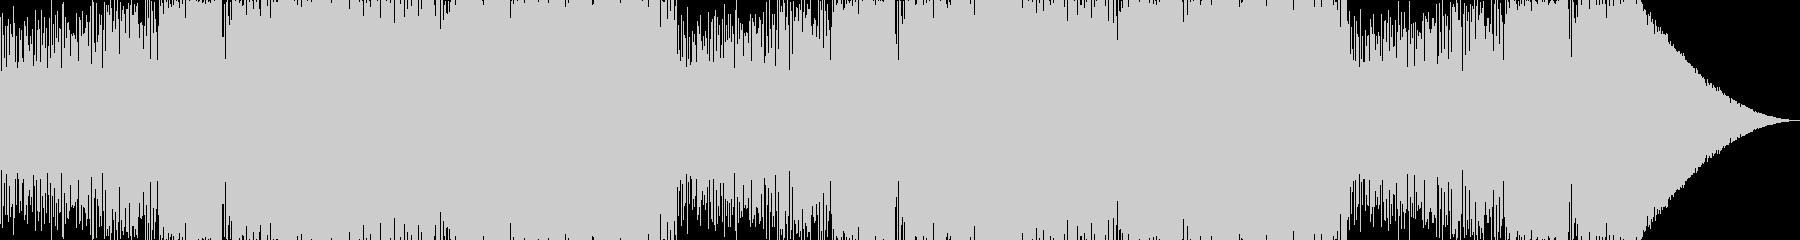 サイドチェイン風のビリビリベーストランスの未再生の波形